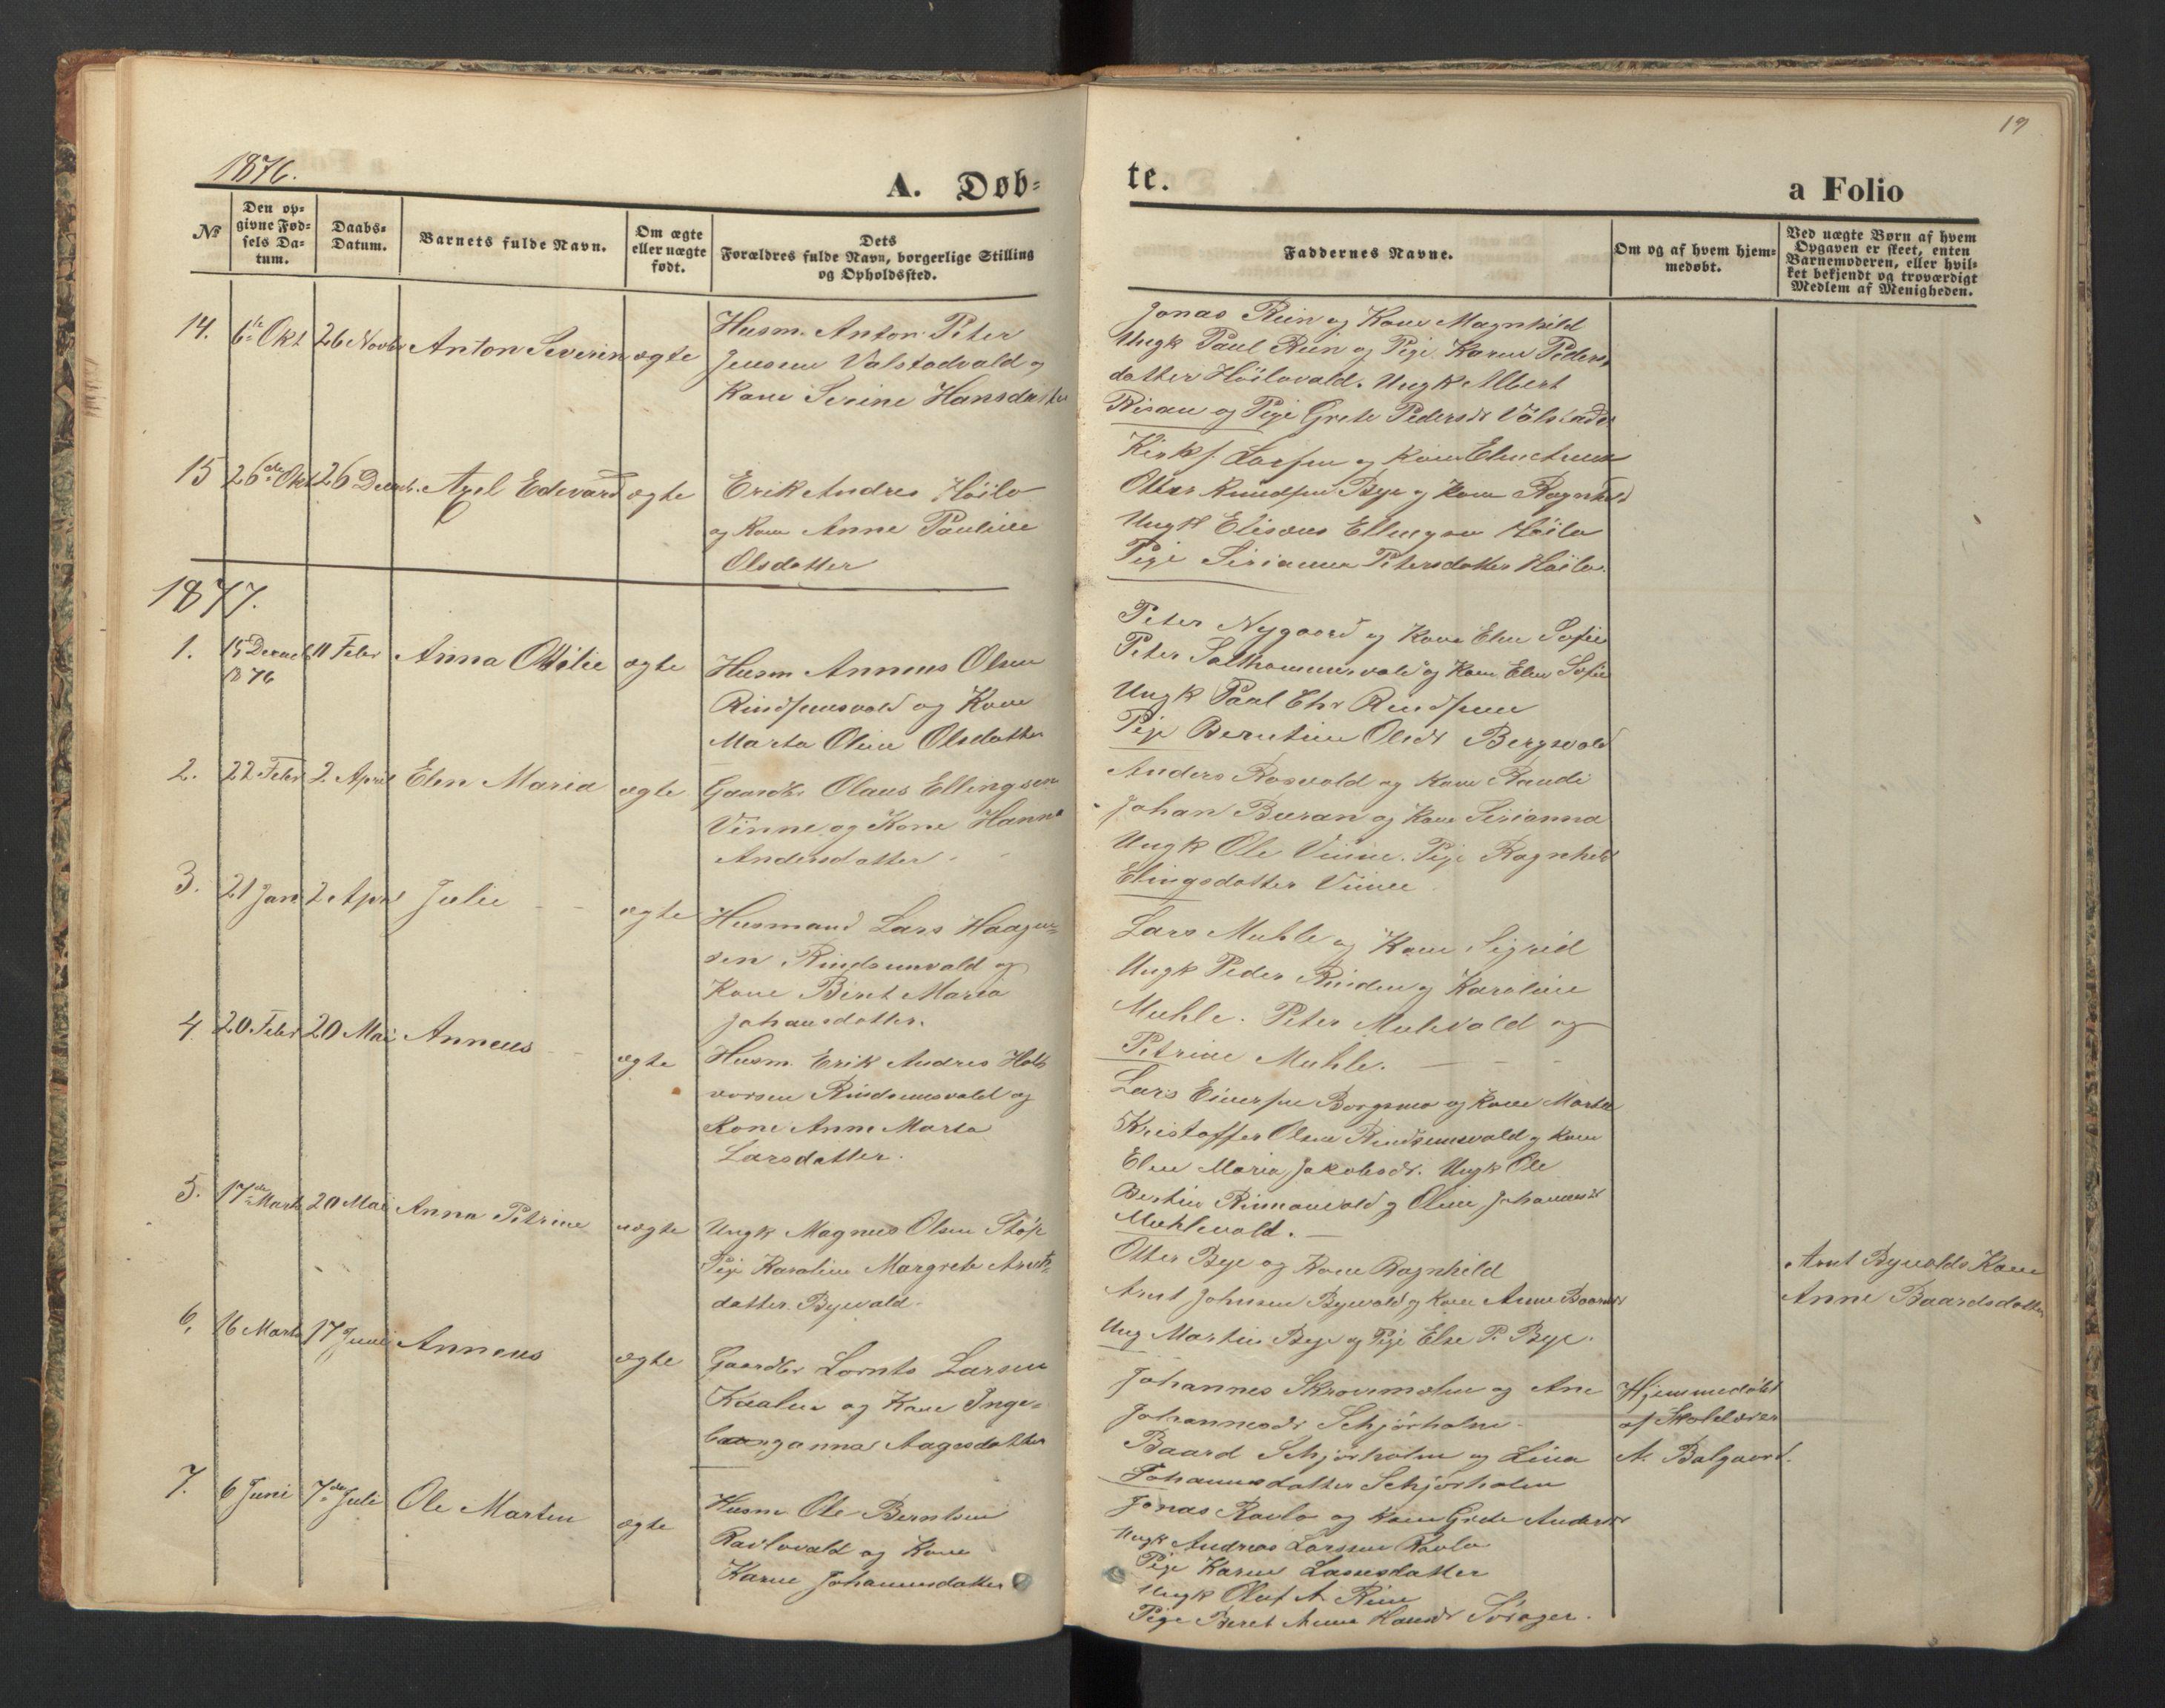 SAT, Ministerialprotokoller, klokkerbøker og fødselsregistre - Nord-Trøndelag, 726/L0271: Klokkerbok nr. 726C02, 1869-1897, s. 19